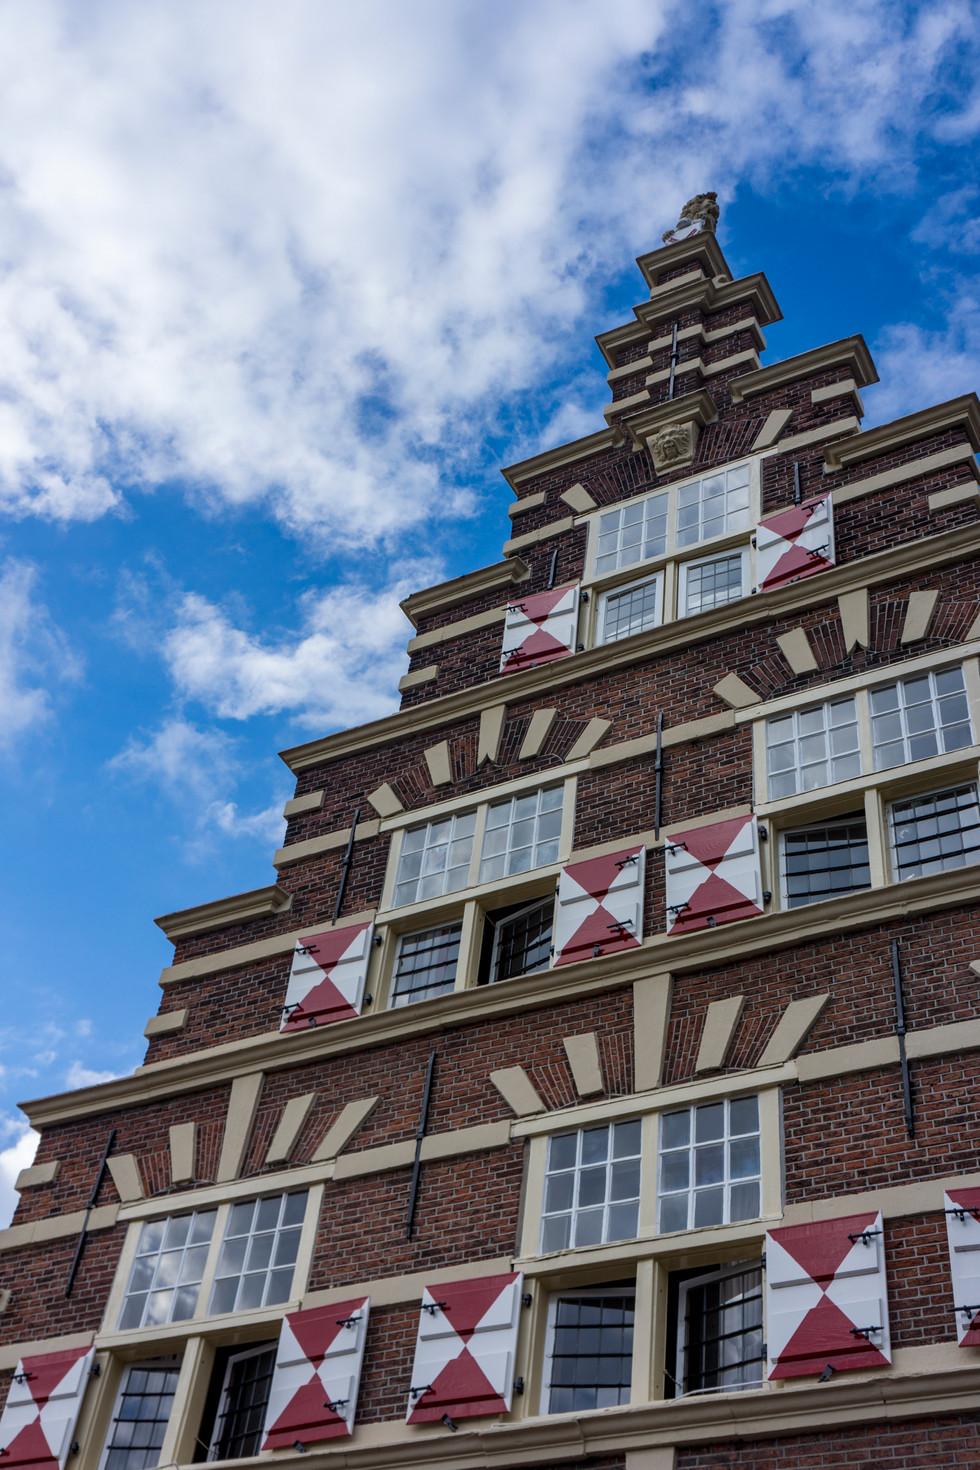 11-DutchStairStepRowHouse.jpg